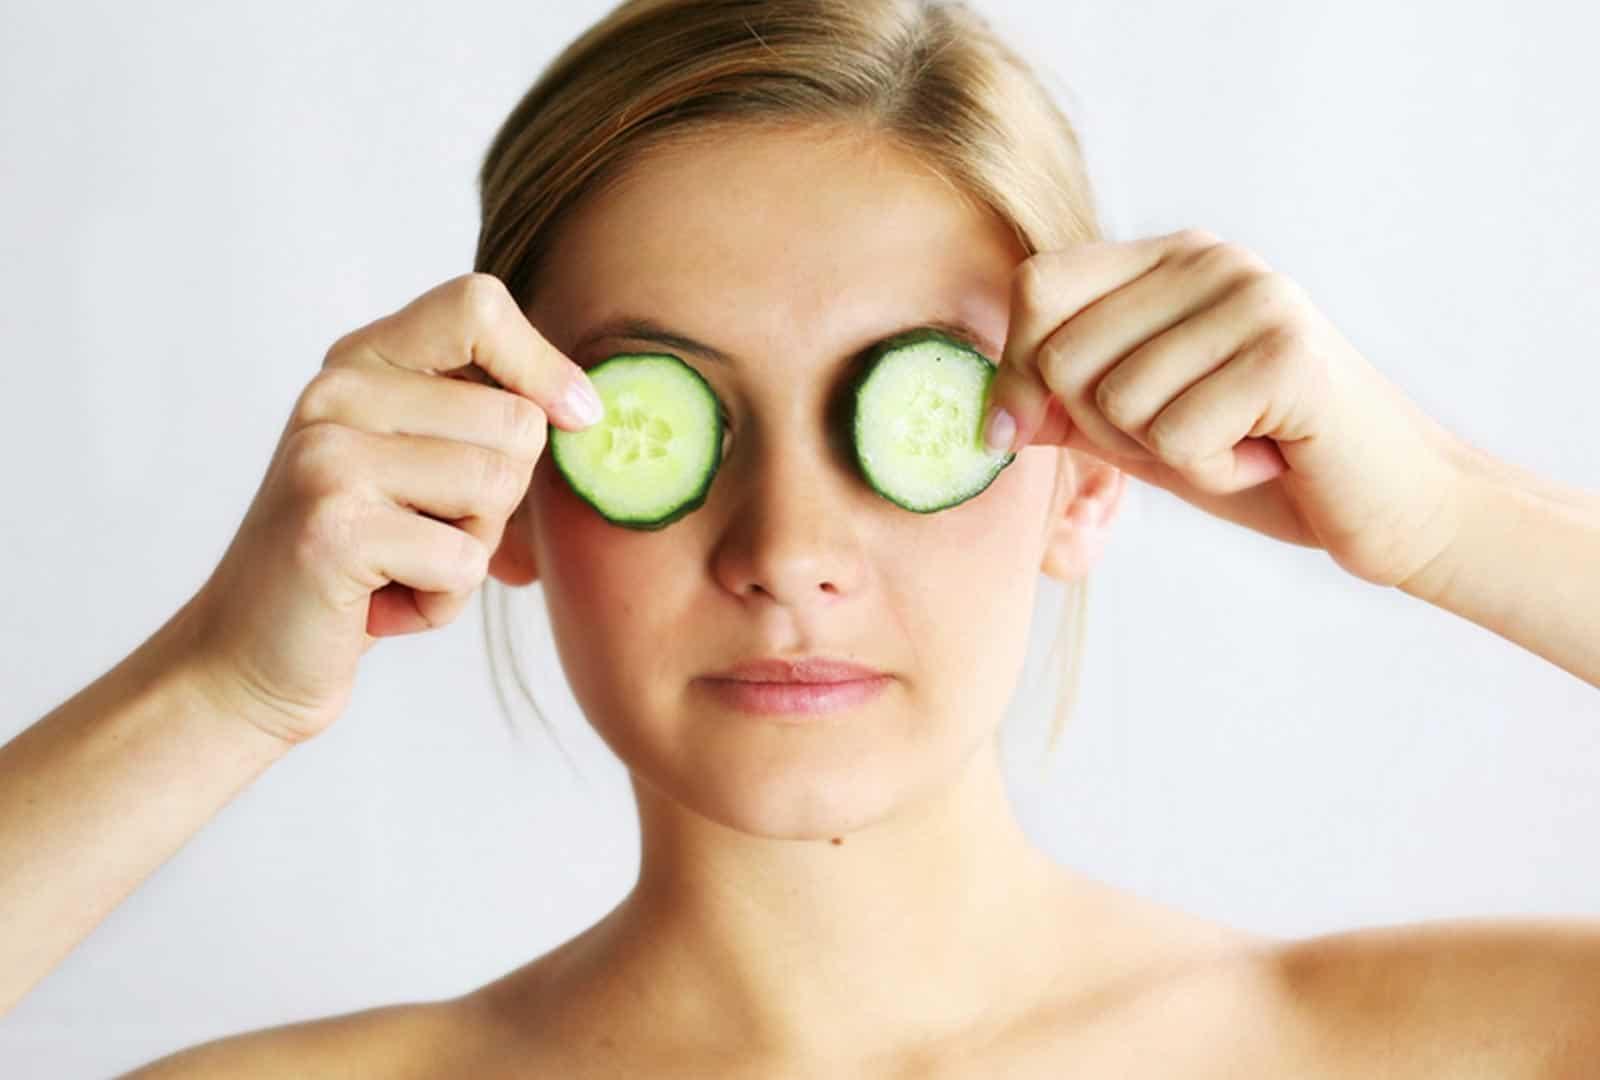 علاج الهالات تحت العين